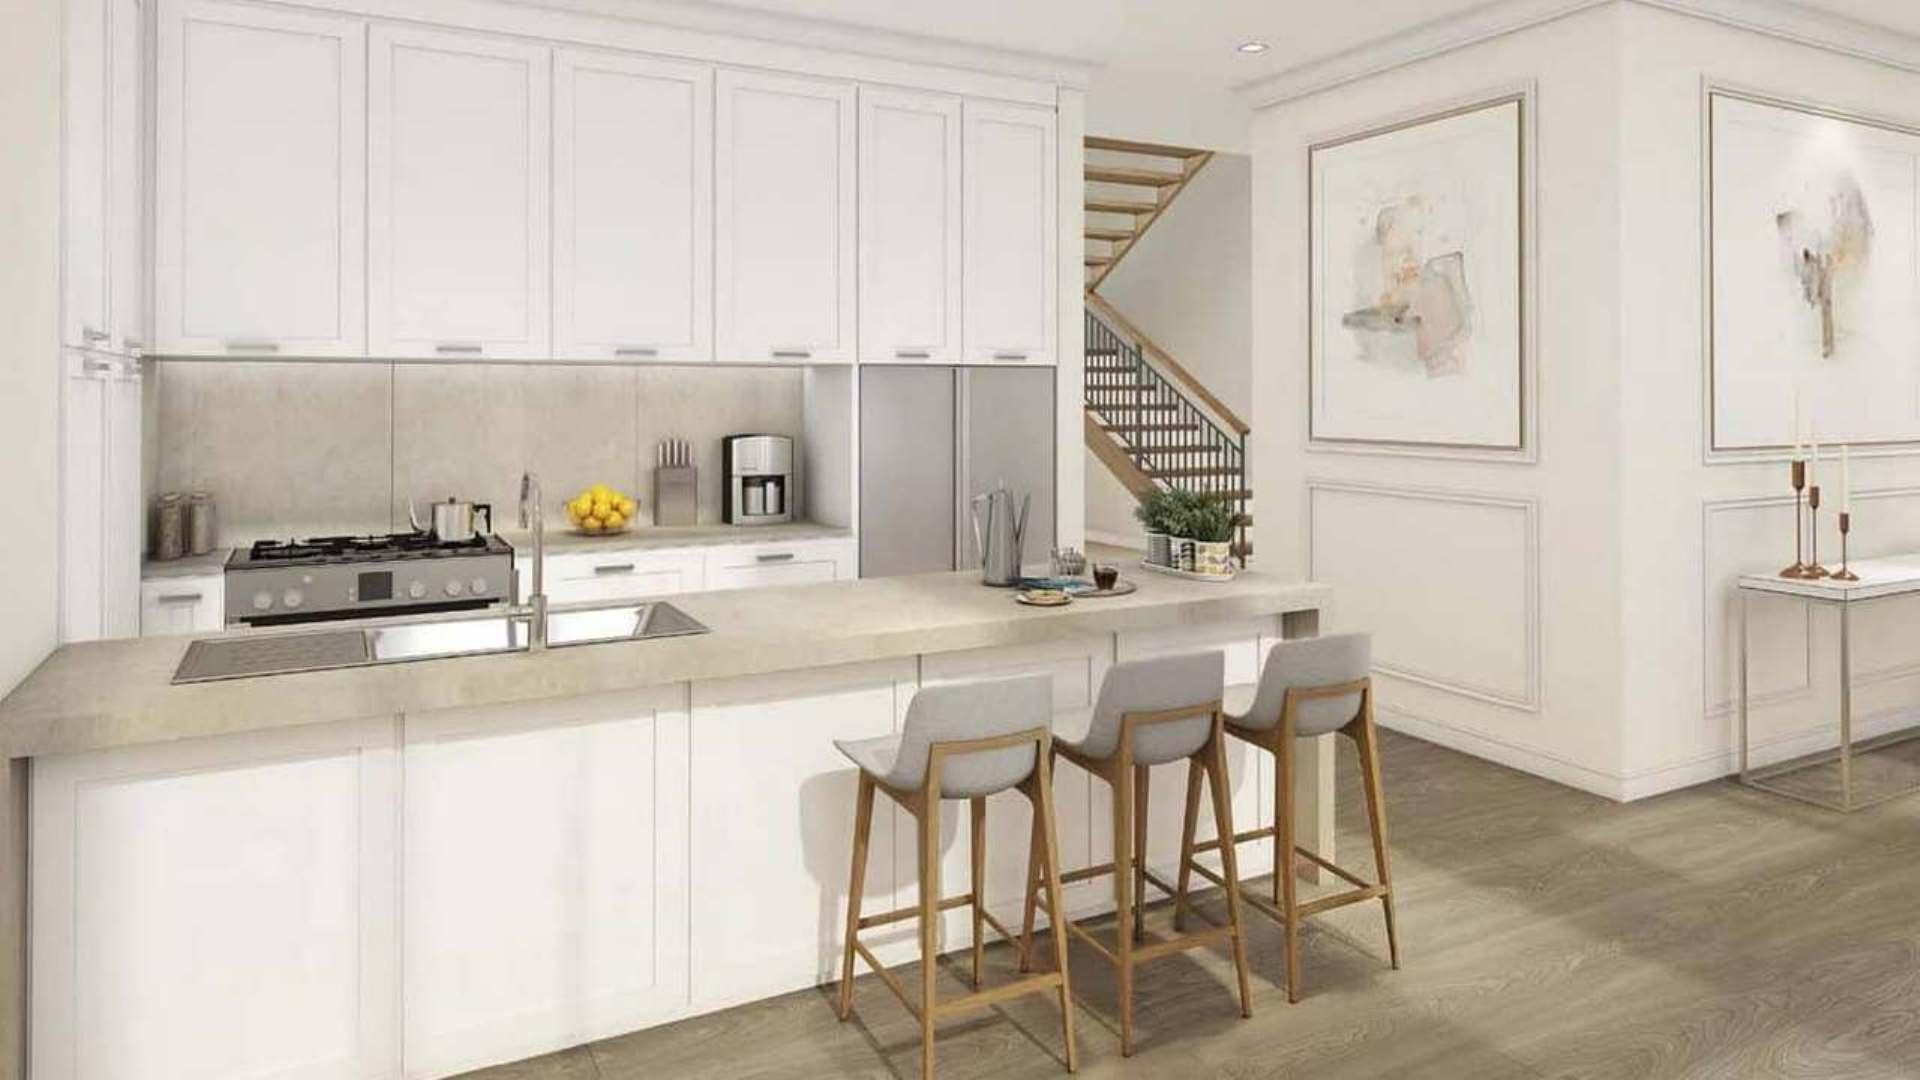 Adosado en venta en Dubai, EAU, 4 dormitorios, 445 m2, № 24331 – foto 5